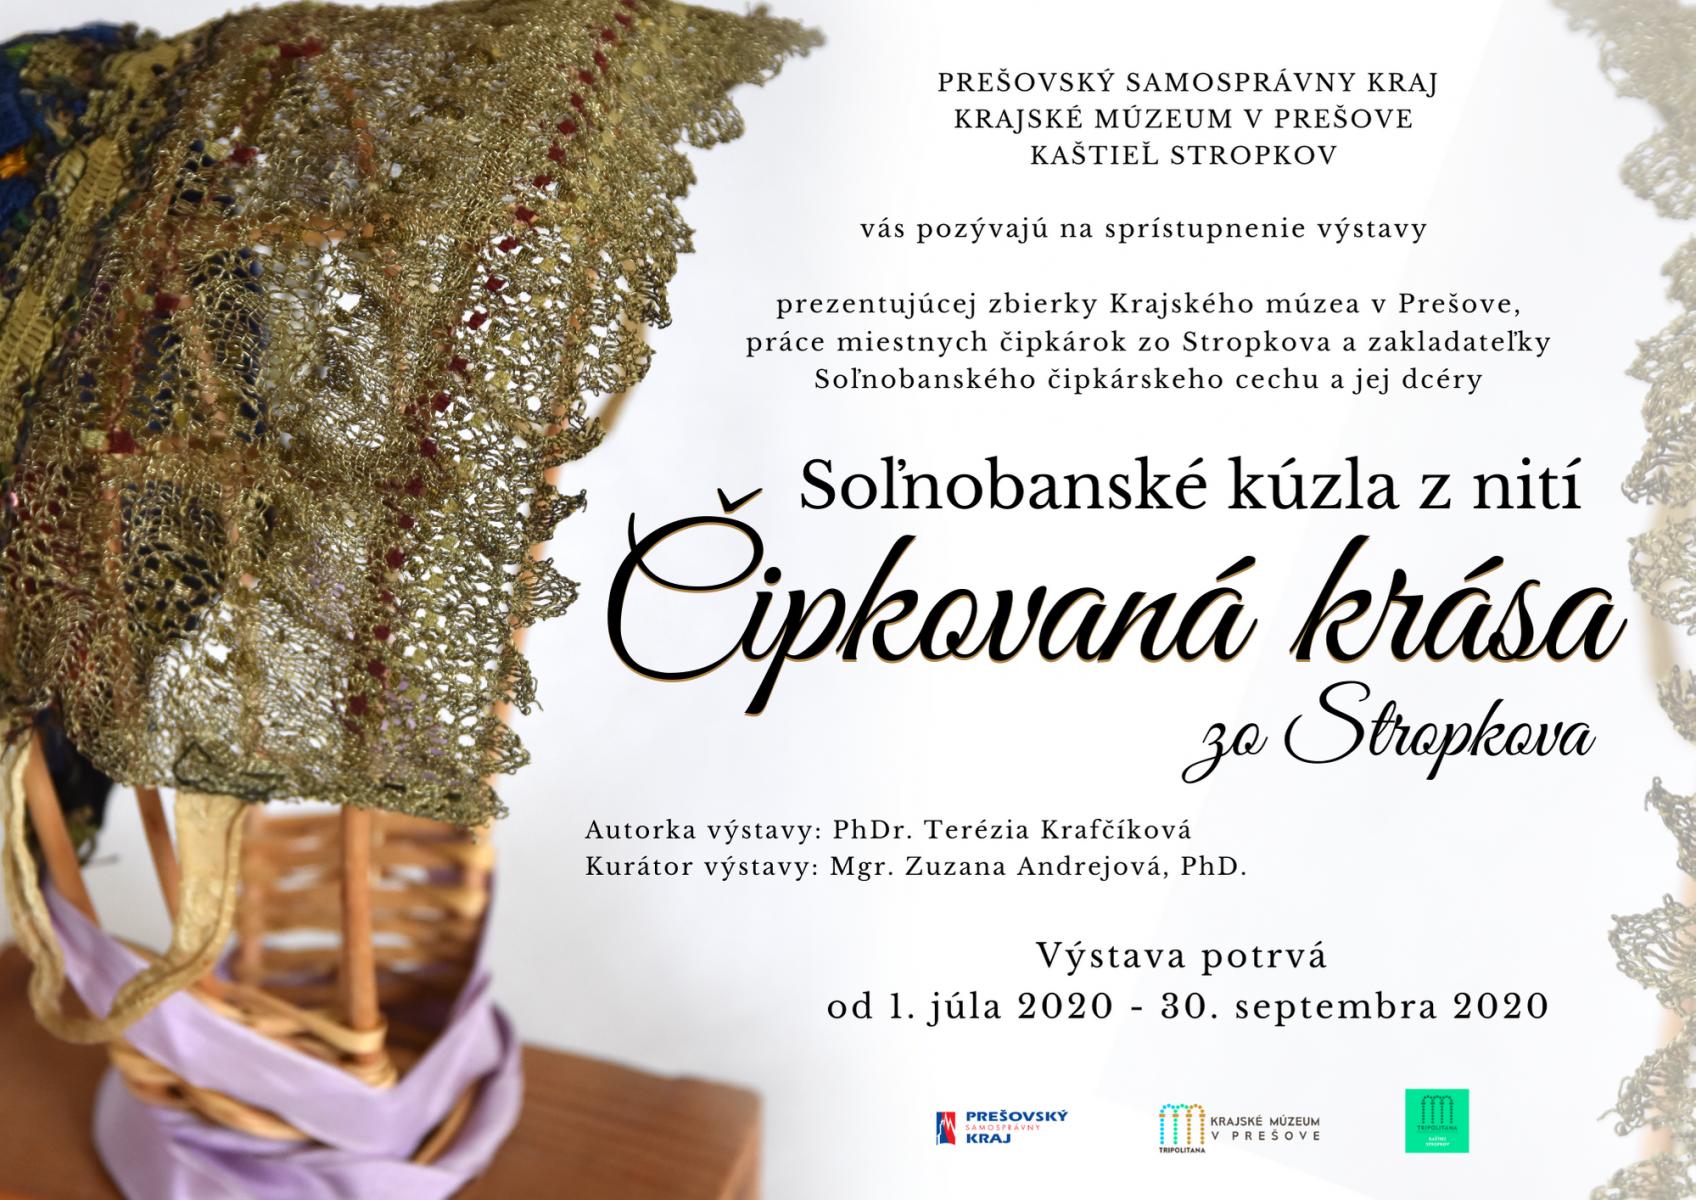 Pozvánka-výstava Soľnobanské kúzla z nicí a - Čipkovaná krása zo Stropkova